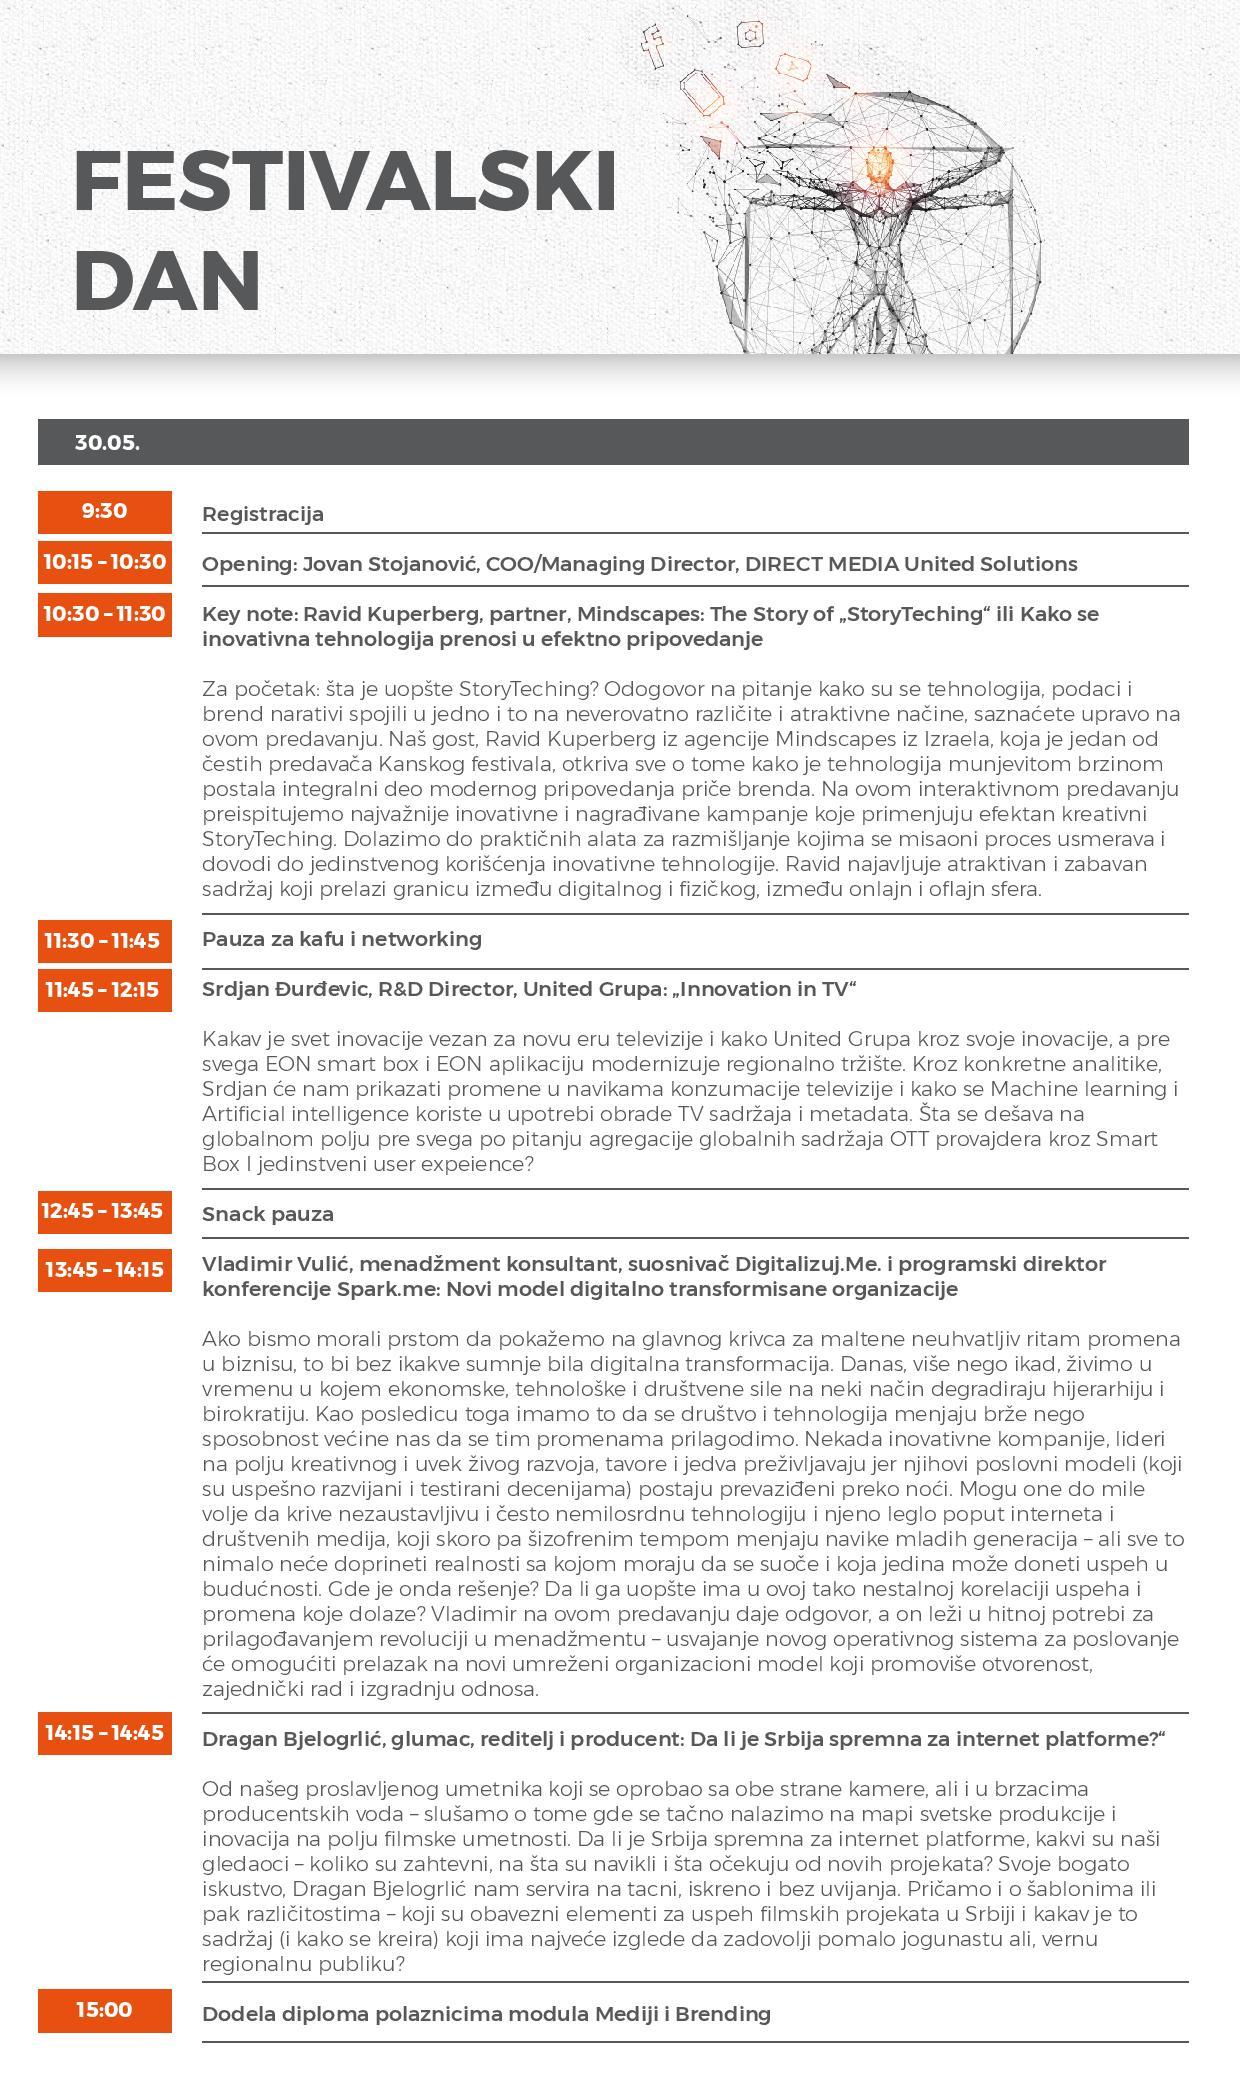 Agenda_Festivalski-dan-page-001